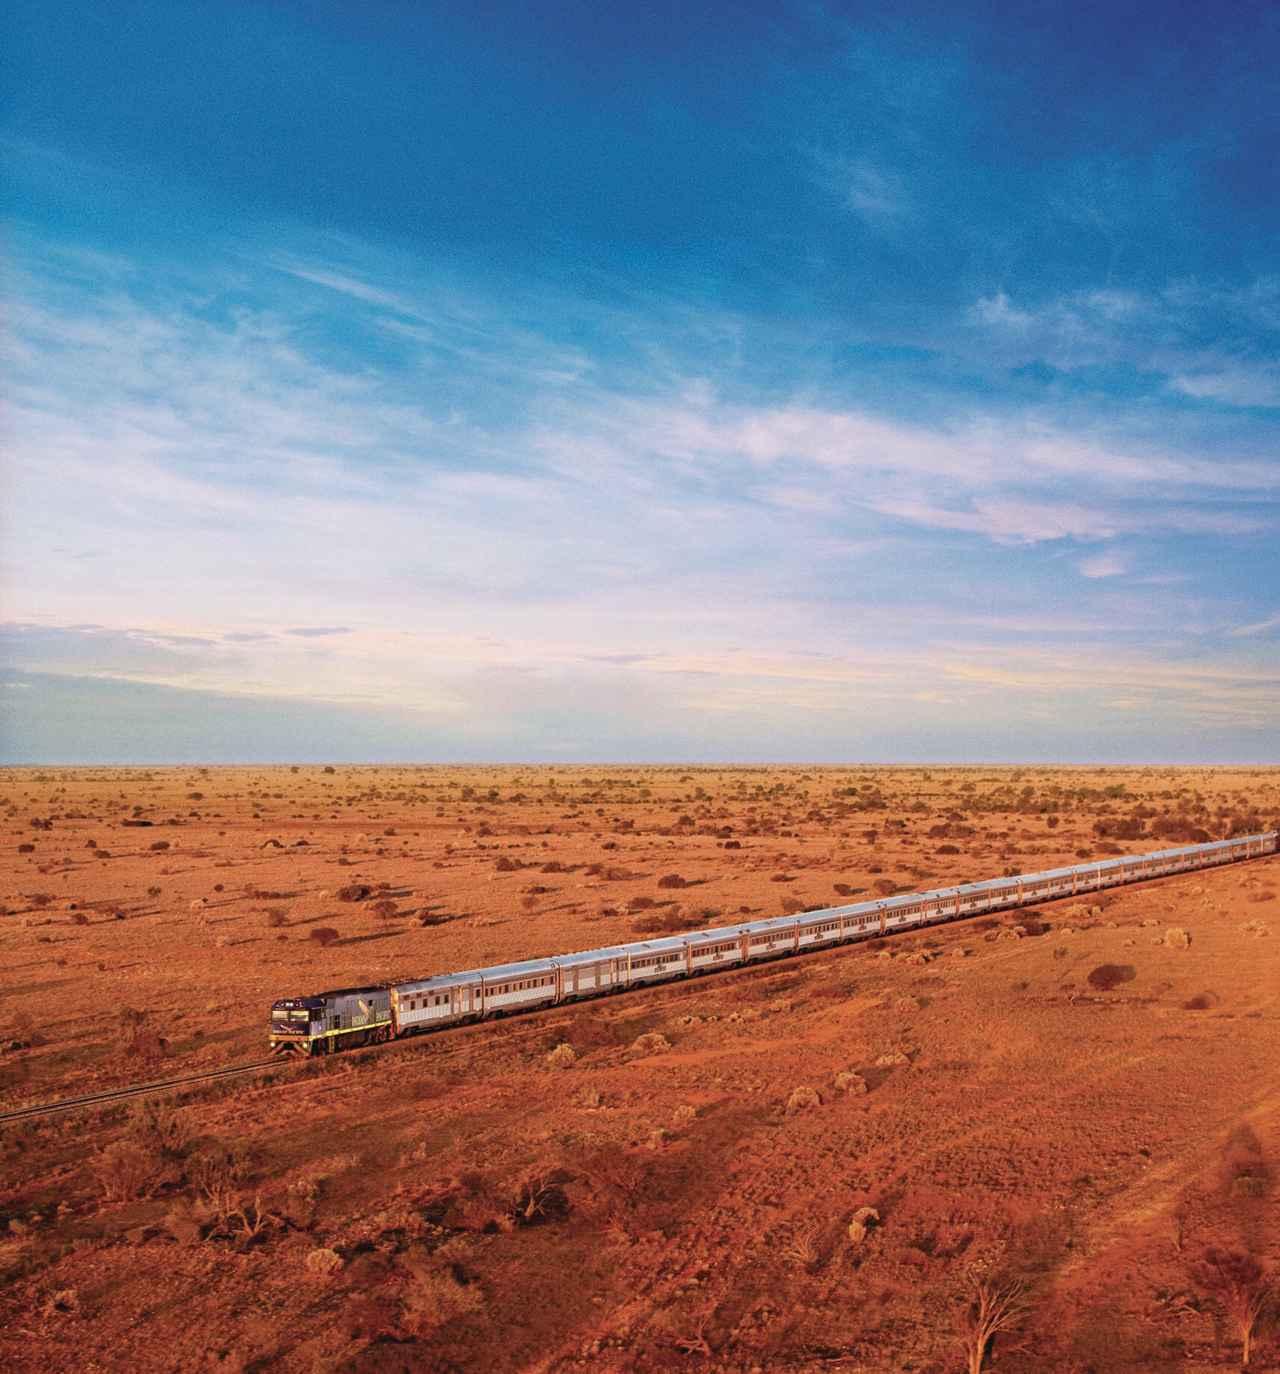 画像: オーストラリア大陸横断鉄道インディアン・パシフィック号(©️Journey Beyond)